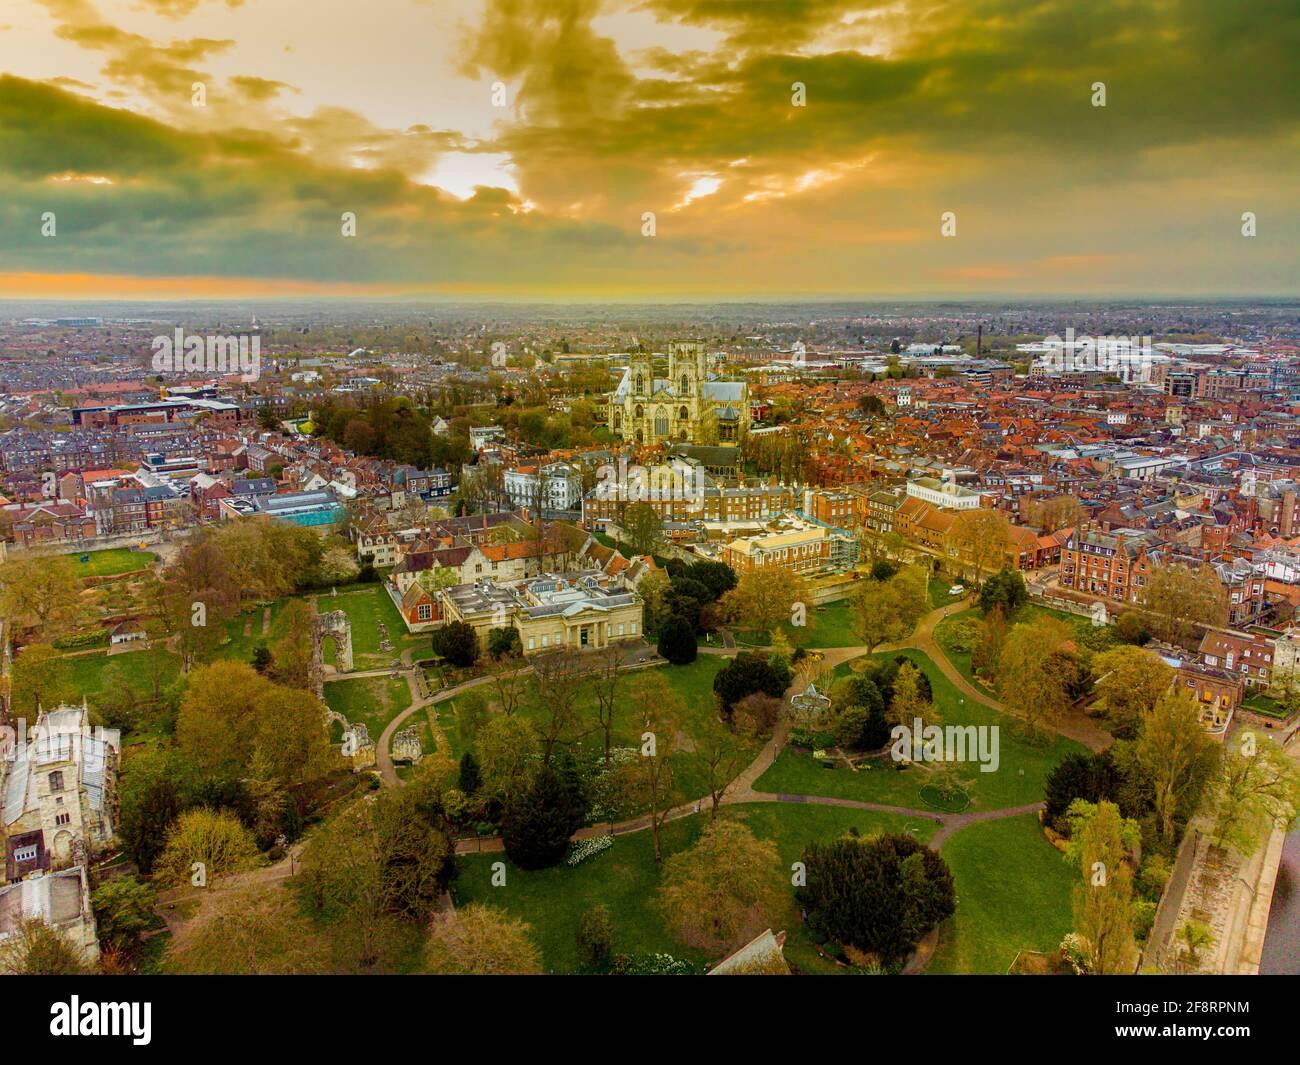 Vista aerea dello skyline di York, Regno Unito all'alba con la cattedrale di York. Foto Stock